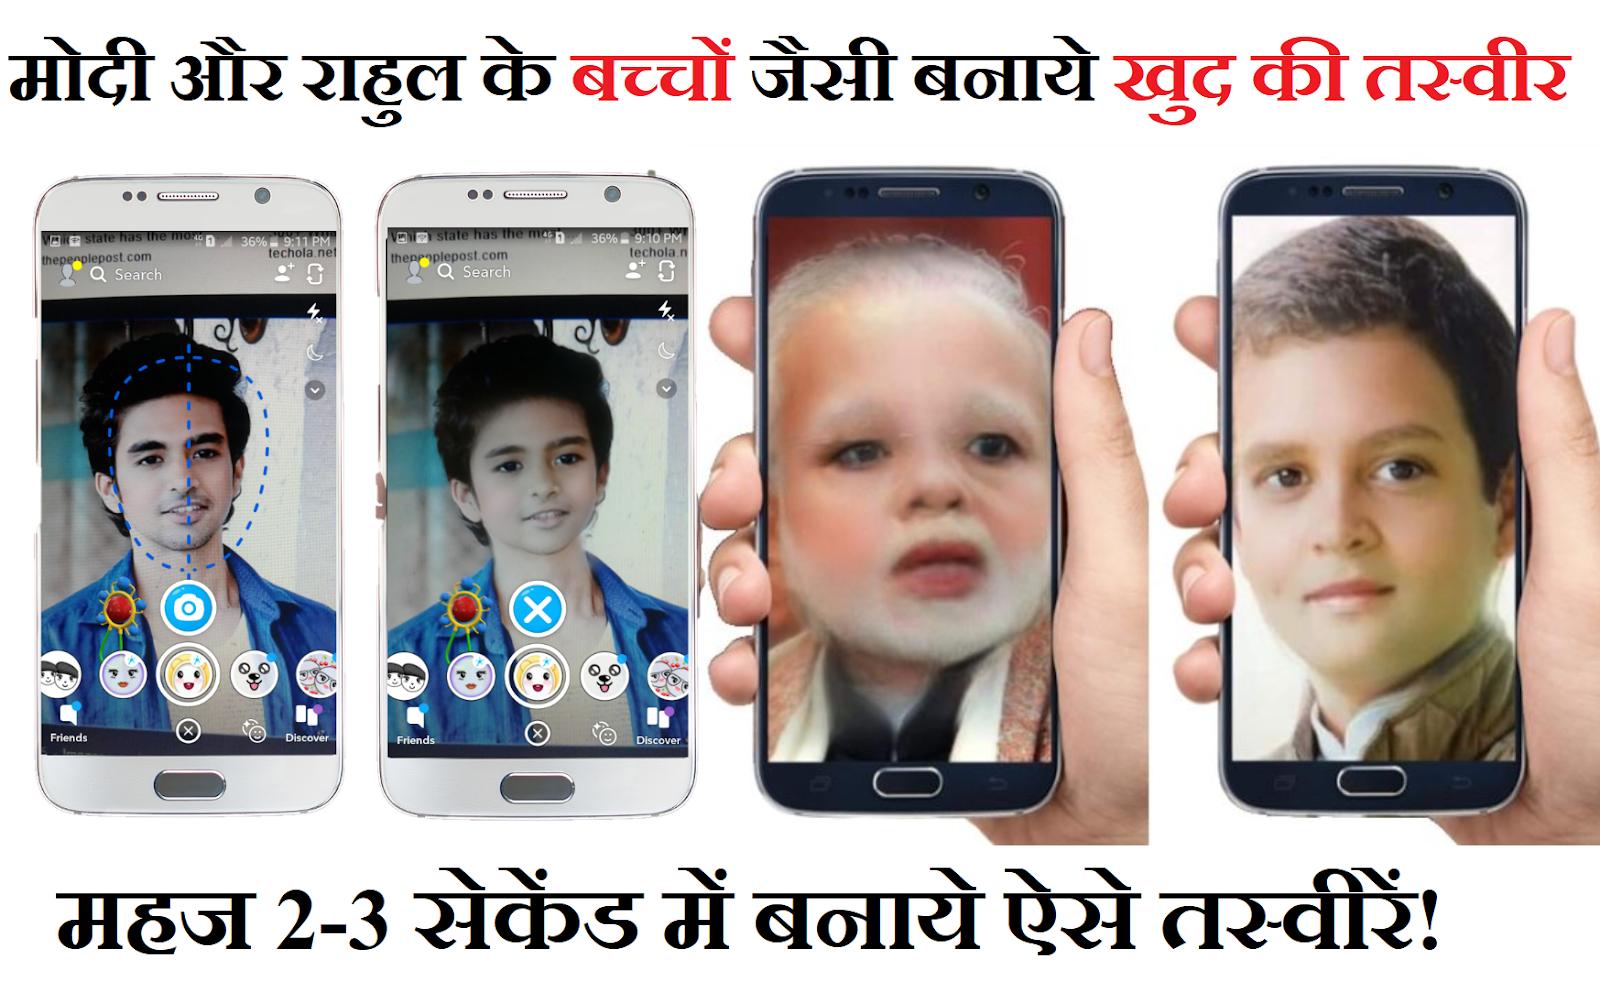 मोदी, राहुल के बच्चों जैसे फोटो वायरल, सिर्फ 3 स्टेप में बनाएं ऐसा ही अपना फोटो, Create Own Picture Like Children's